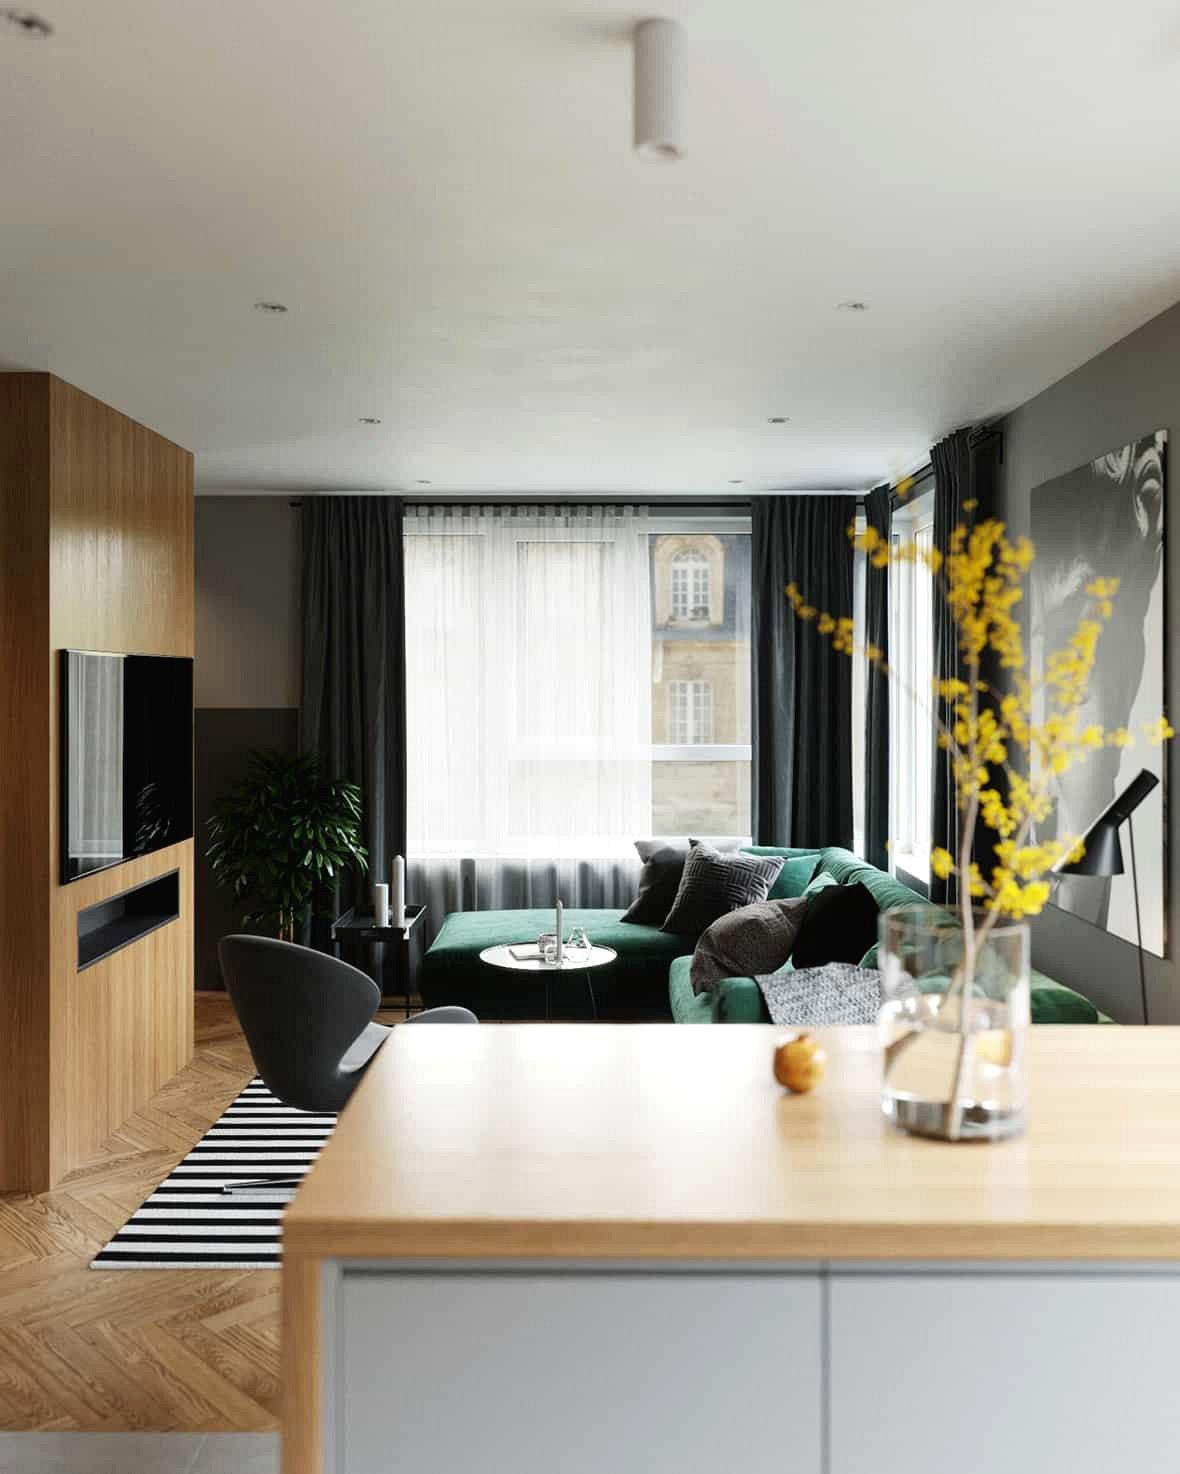 Các yếu tố tự nhiên cũng đóng một vai trò quan trọng. Không gian tương tác tận hưởng sự ấm áp của gỗ tự nhiên và chậu xây xanh được đặt trong phòng khách.